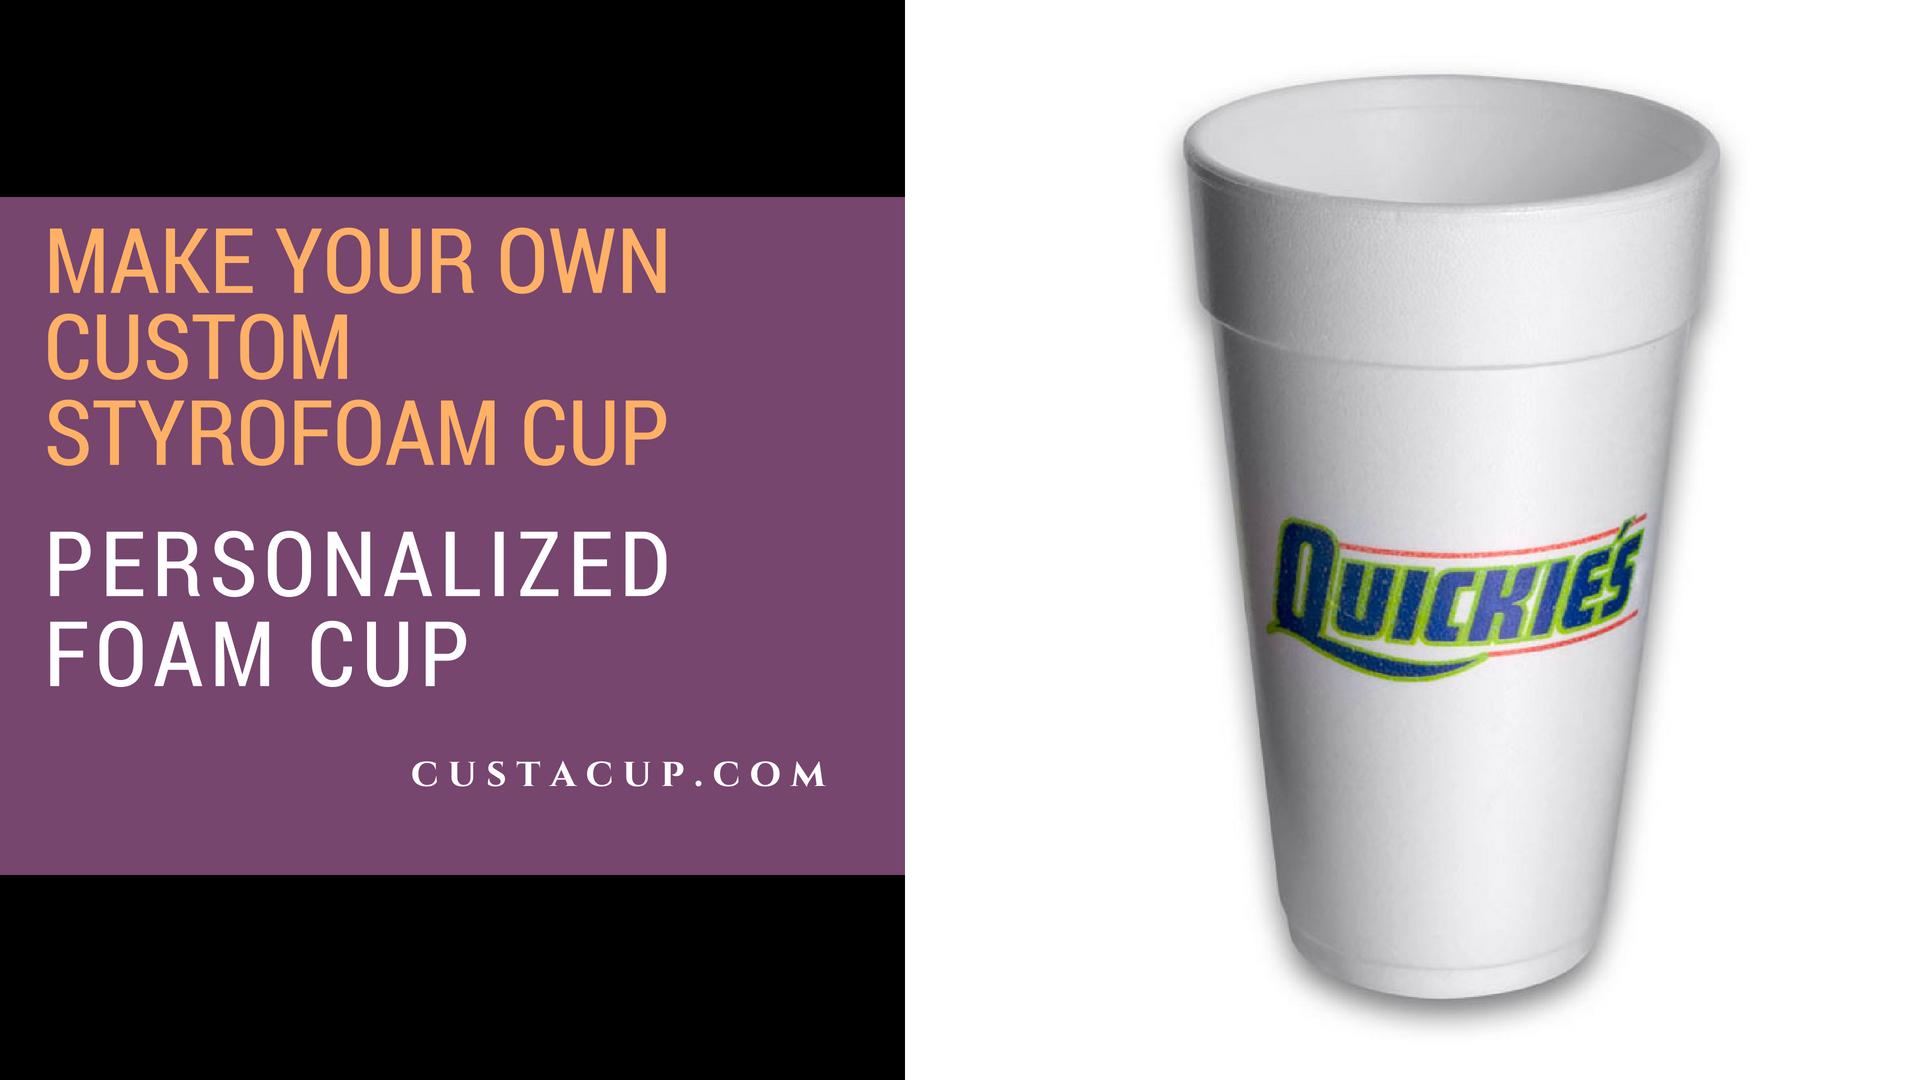 Custom Foam Cups Wholesale Personalized Foam Cup From Cust A Cup Custom Foam Cups Custom Styrofoam Cups Personalized Foam Cups